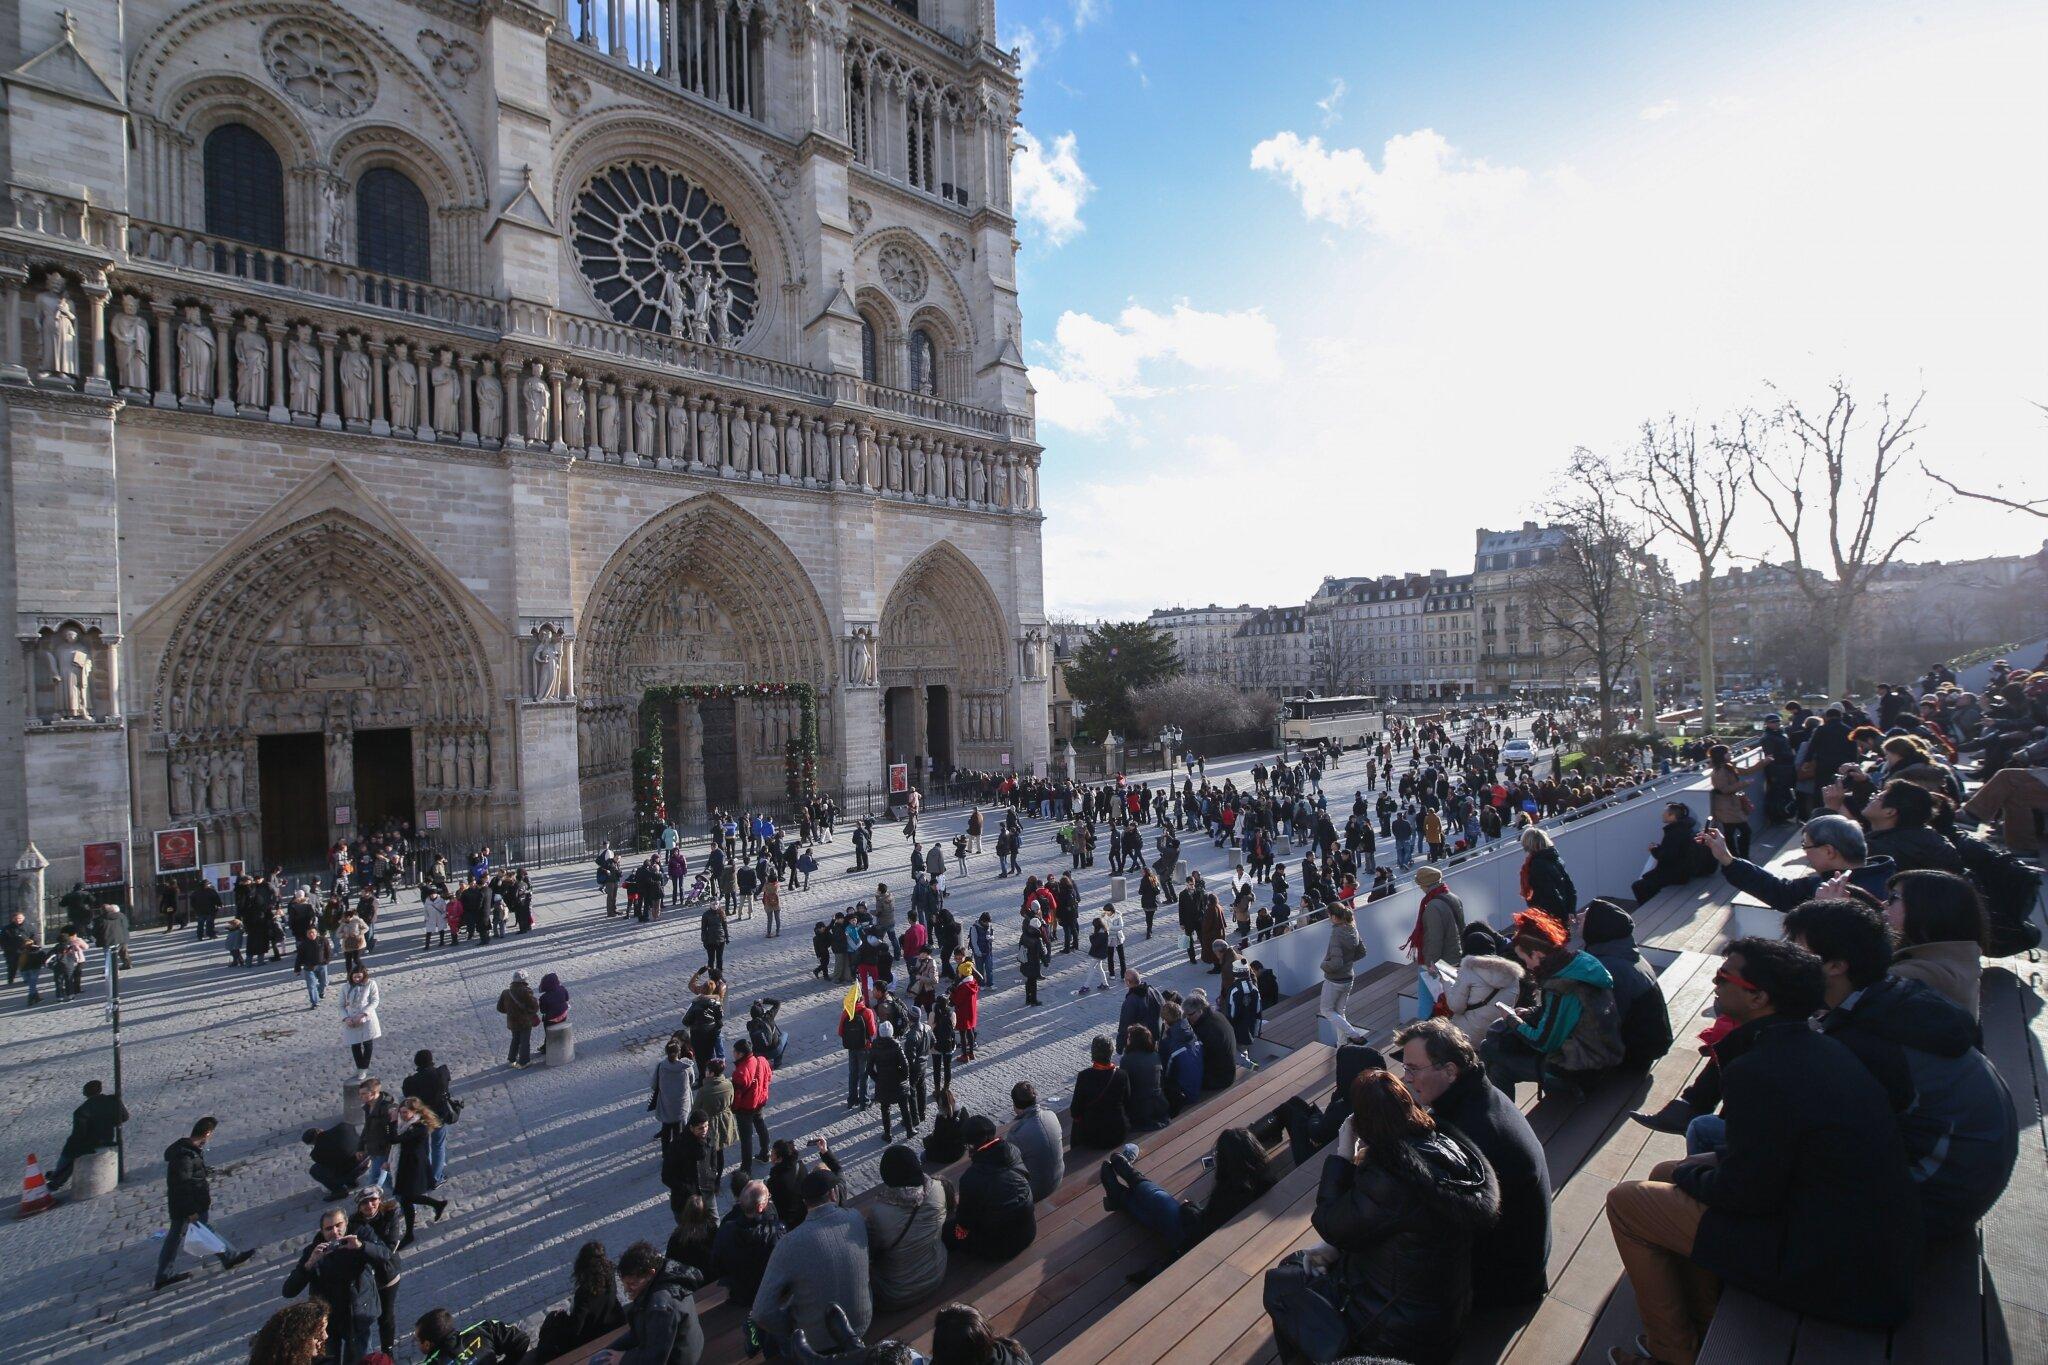 Un chemin du Jubilé pour les 850 ans de la cathédrale Notre-Dame de Paris. © Michel Stoupak. Mar 25.12.2012, 15:46.